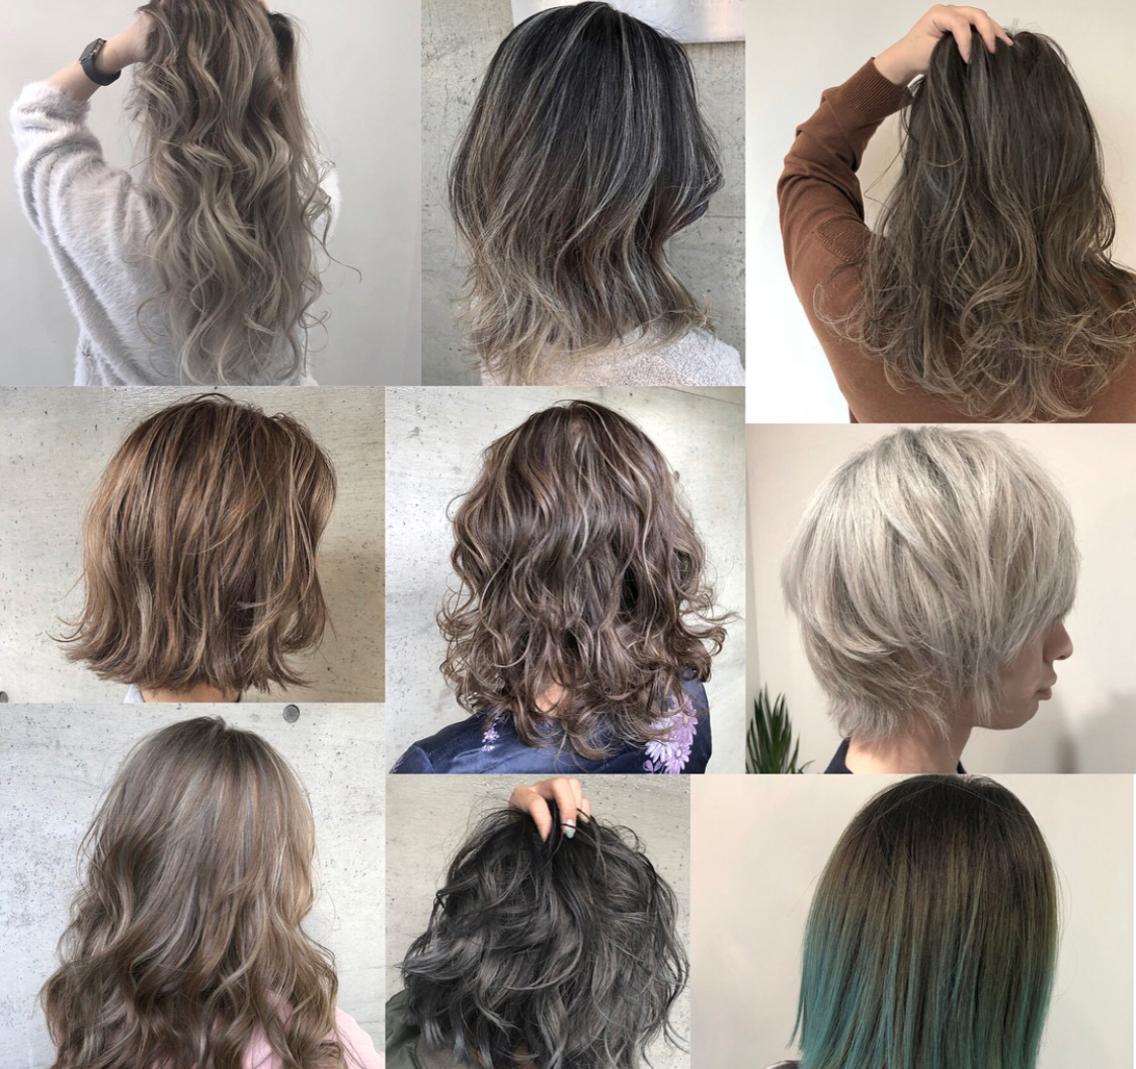 髪も心もハッピーに♪カウンセリングファーストをモットーにお客様のなりたいを叶えます。